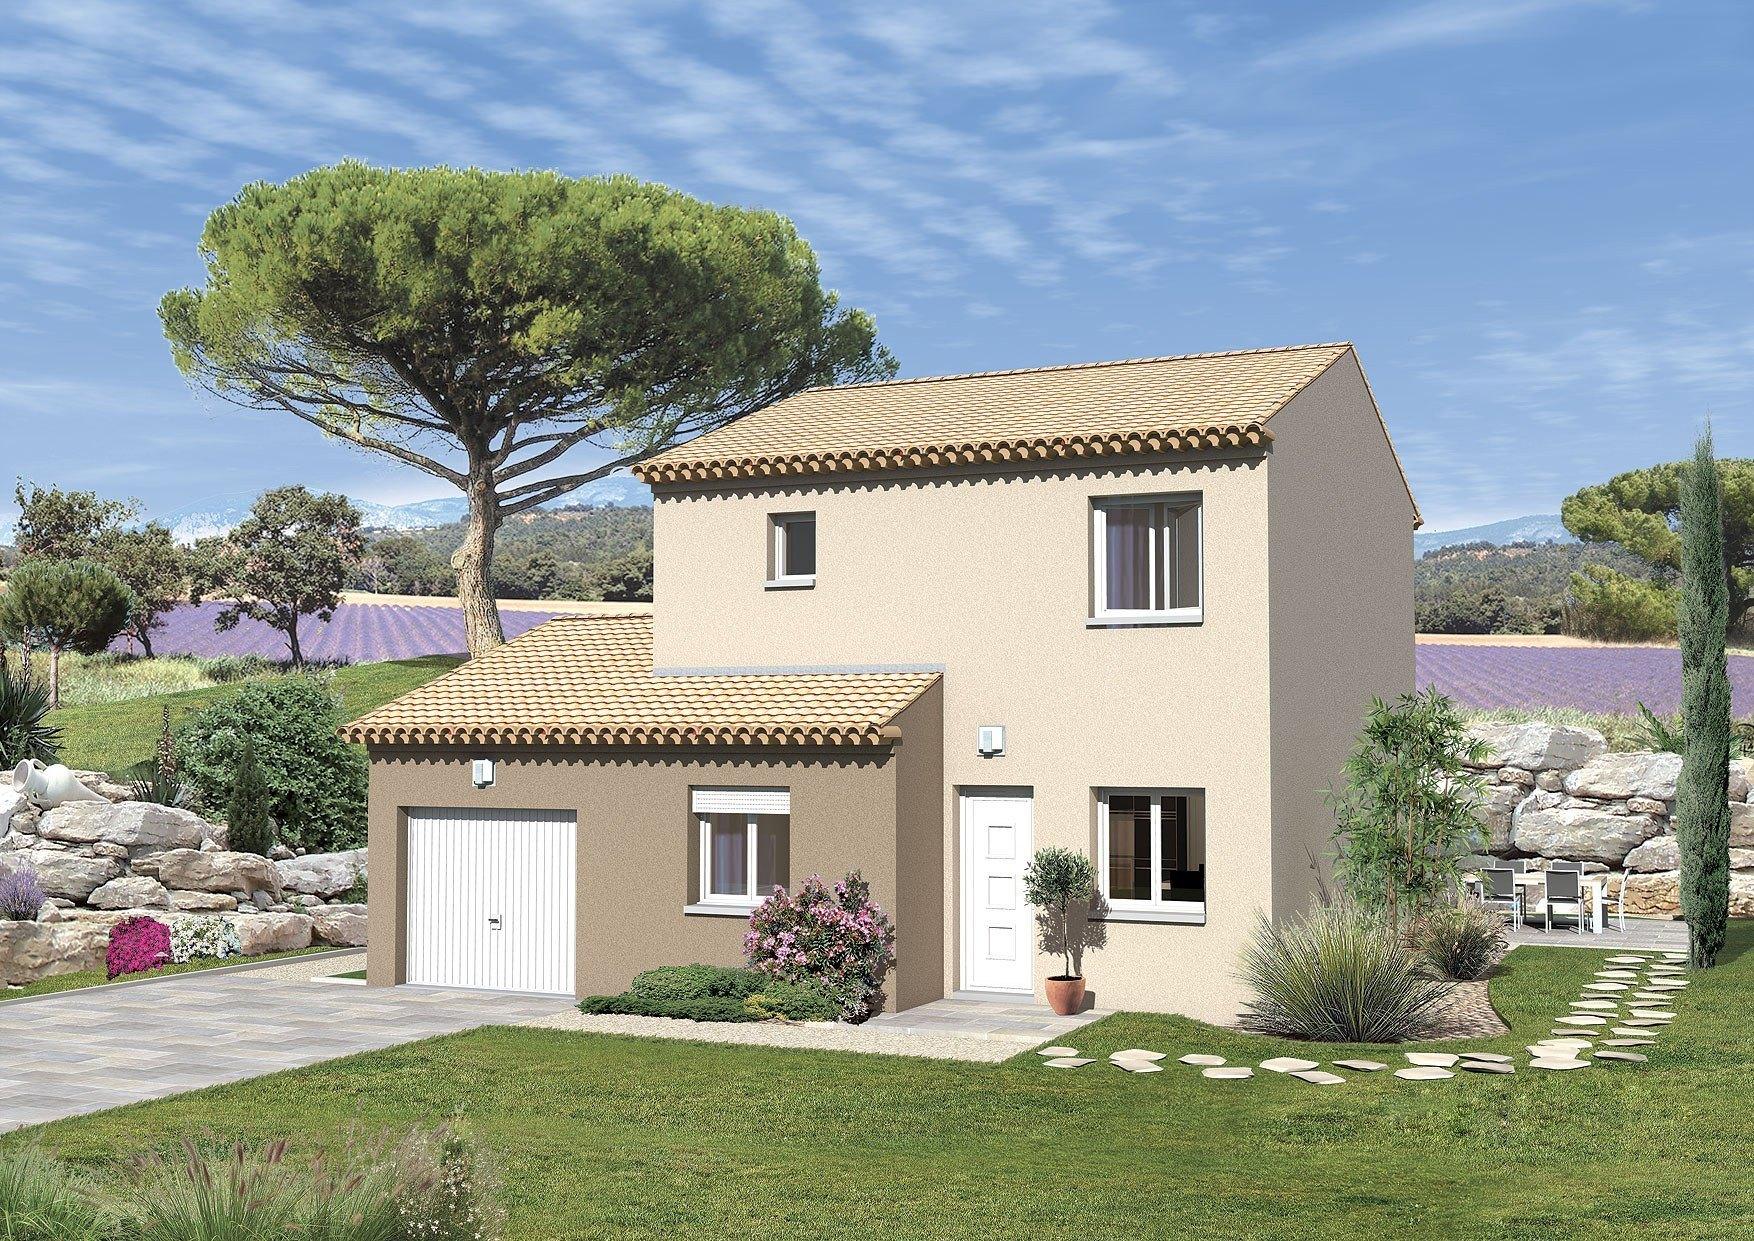 Maisons + Terrains du constructeur MAISONS PUNCH • 91 m² • CARPENTRAS